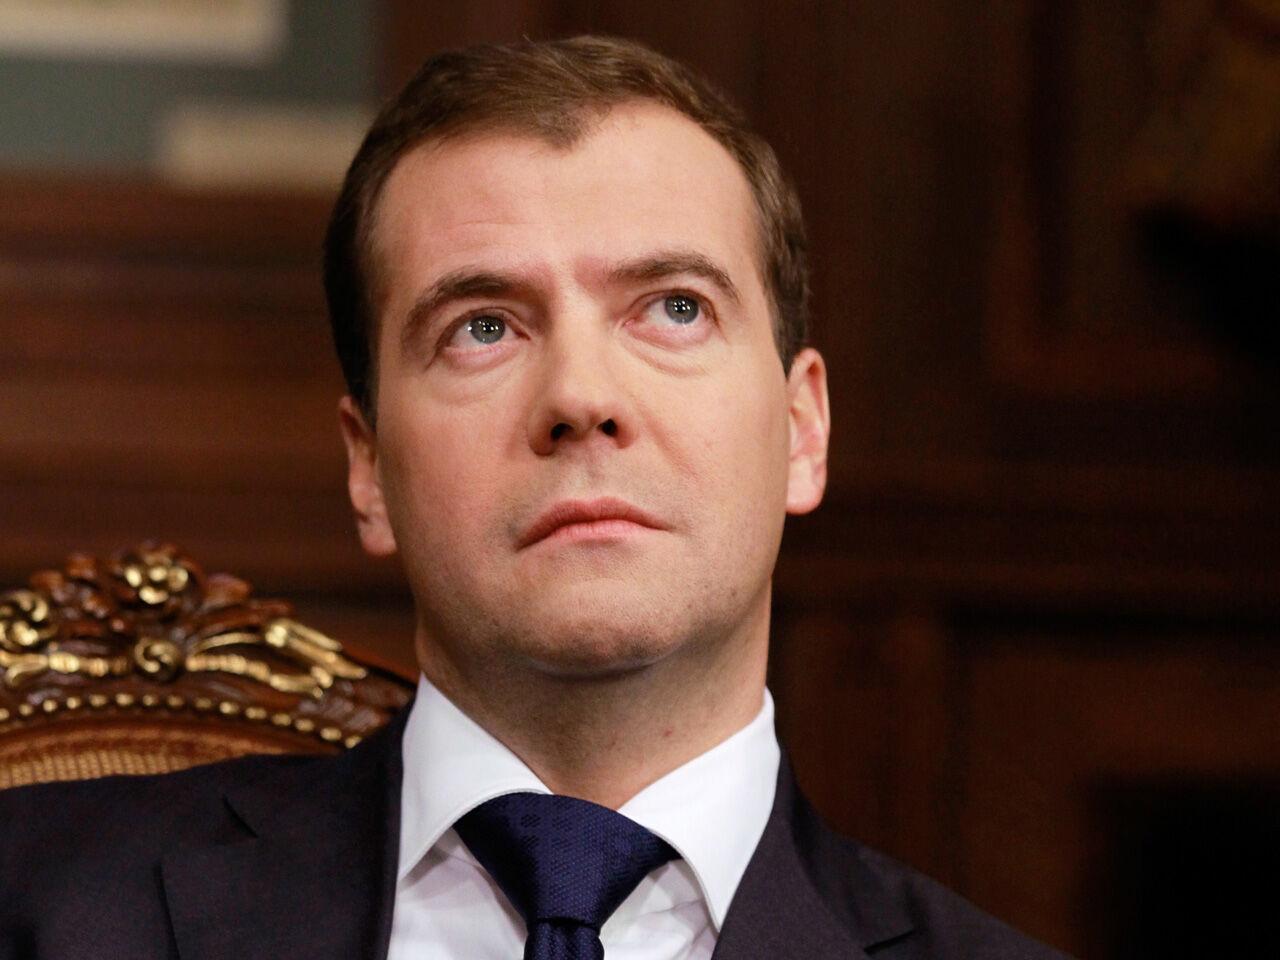 Дмитрия Медведева эвакуировали изСколково из-за угрозы безопасности